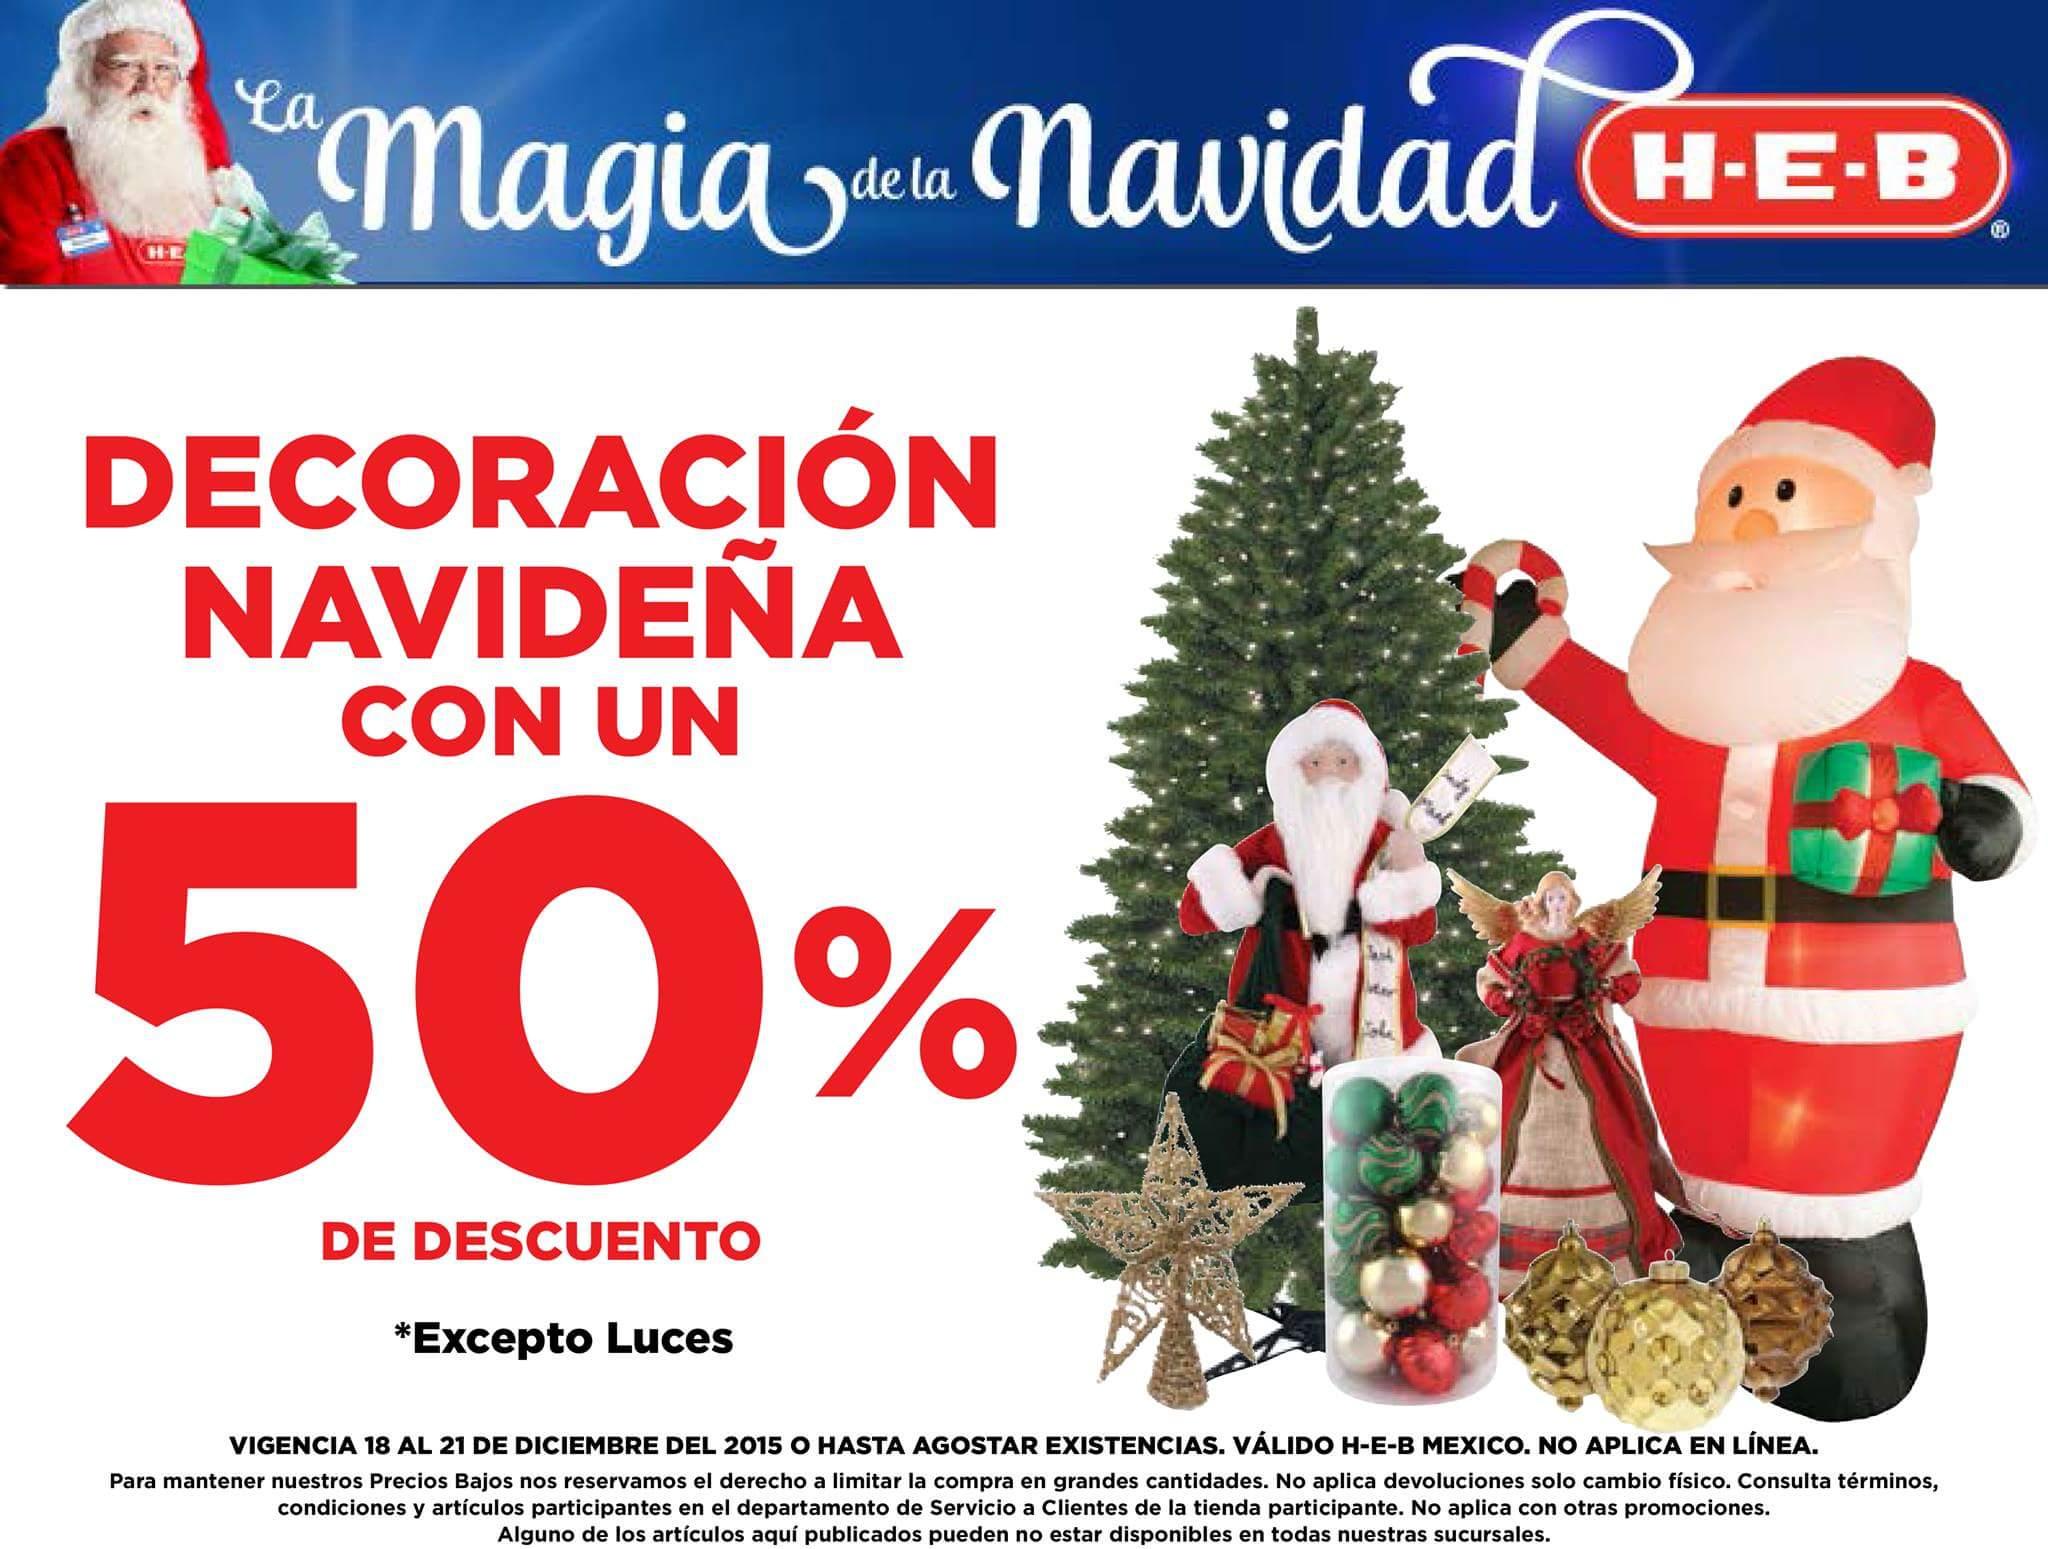 HEB: 3x2 en cosméticos, 50% de descuento en decoración navideña y mas